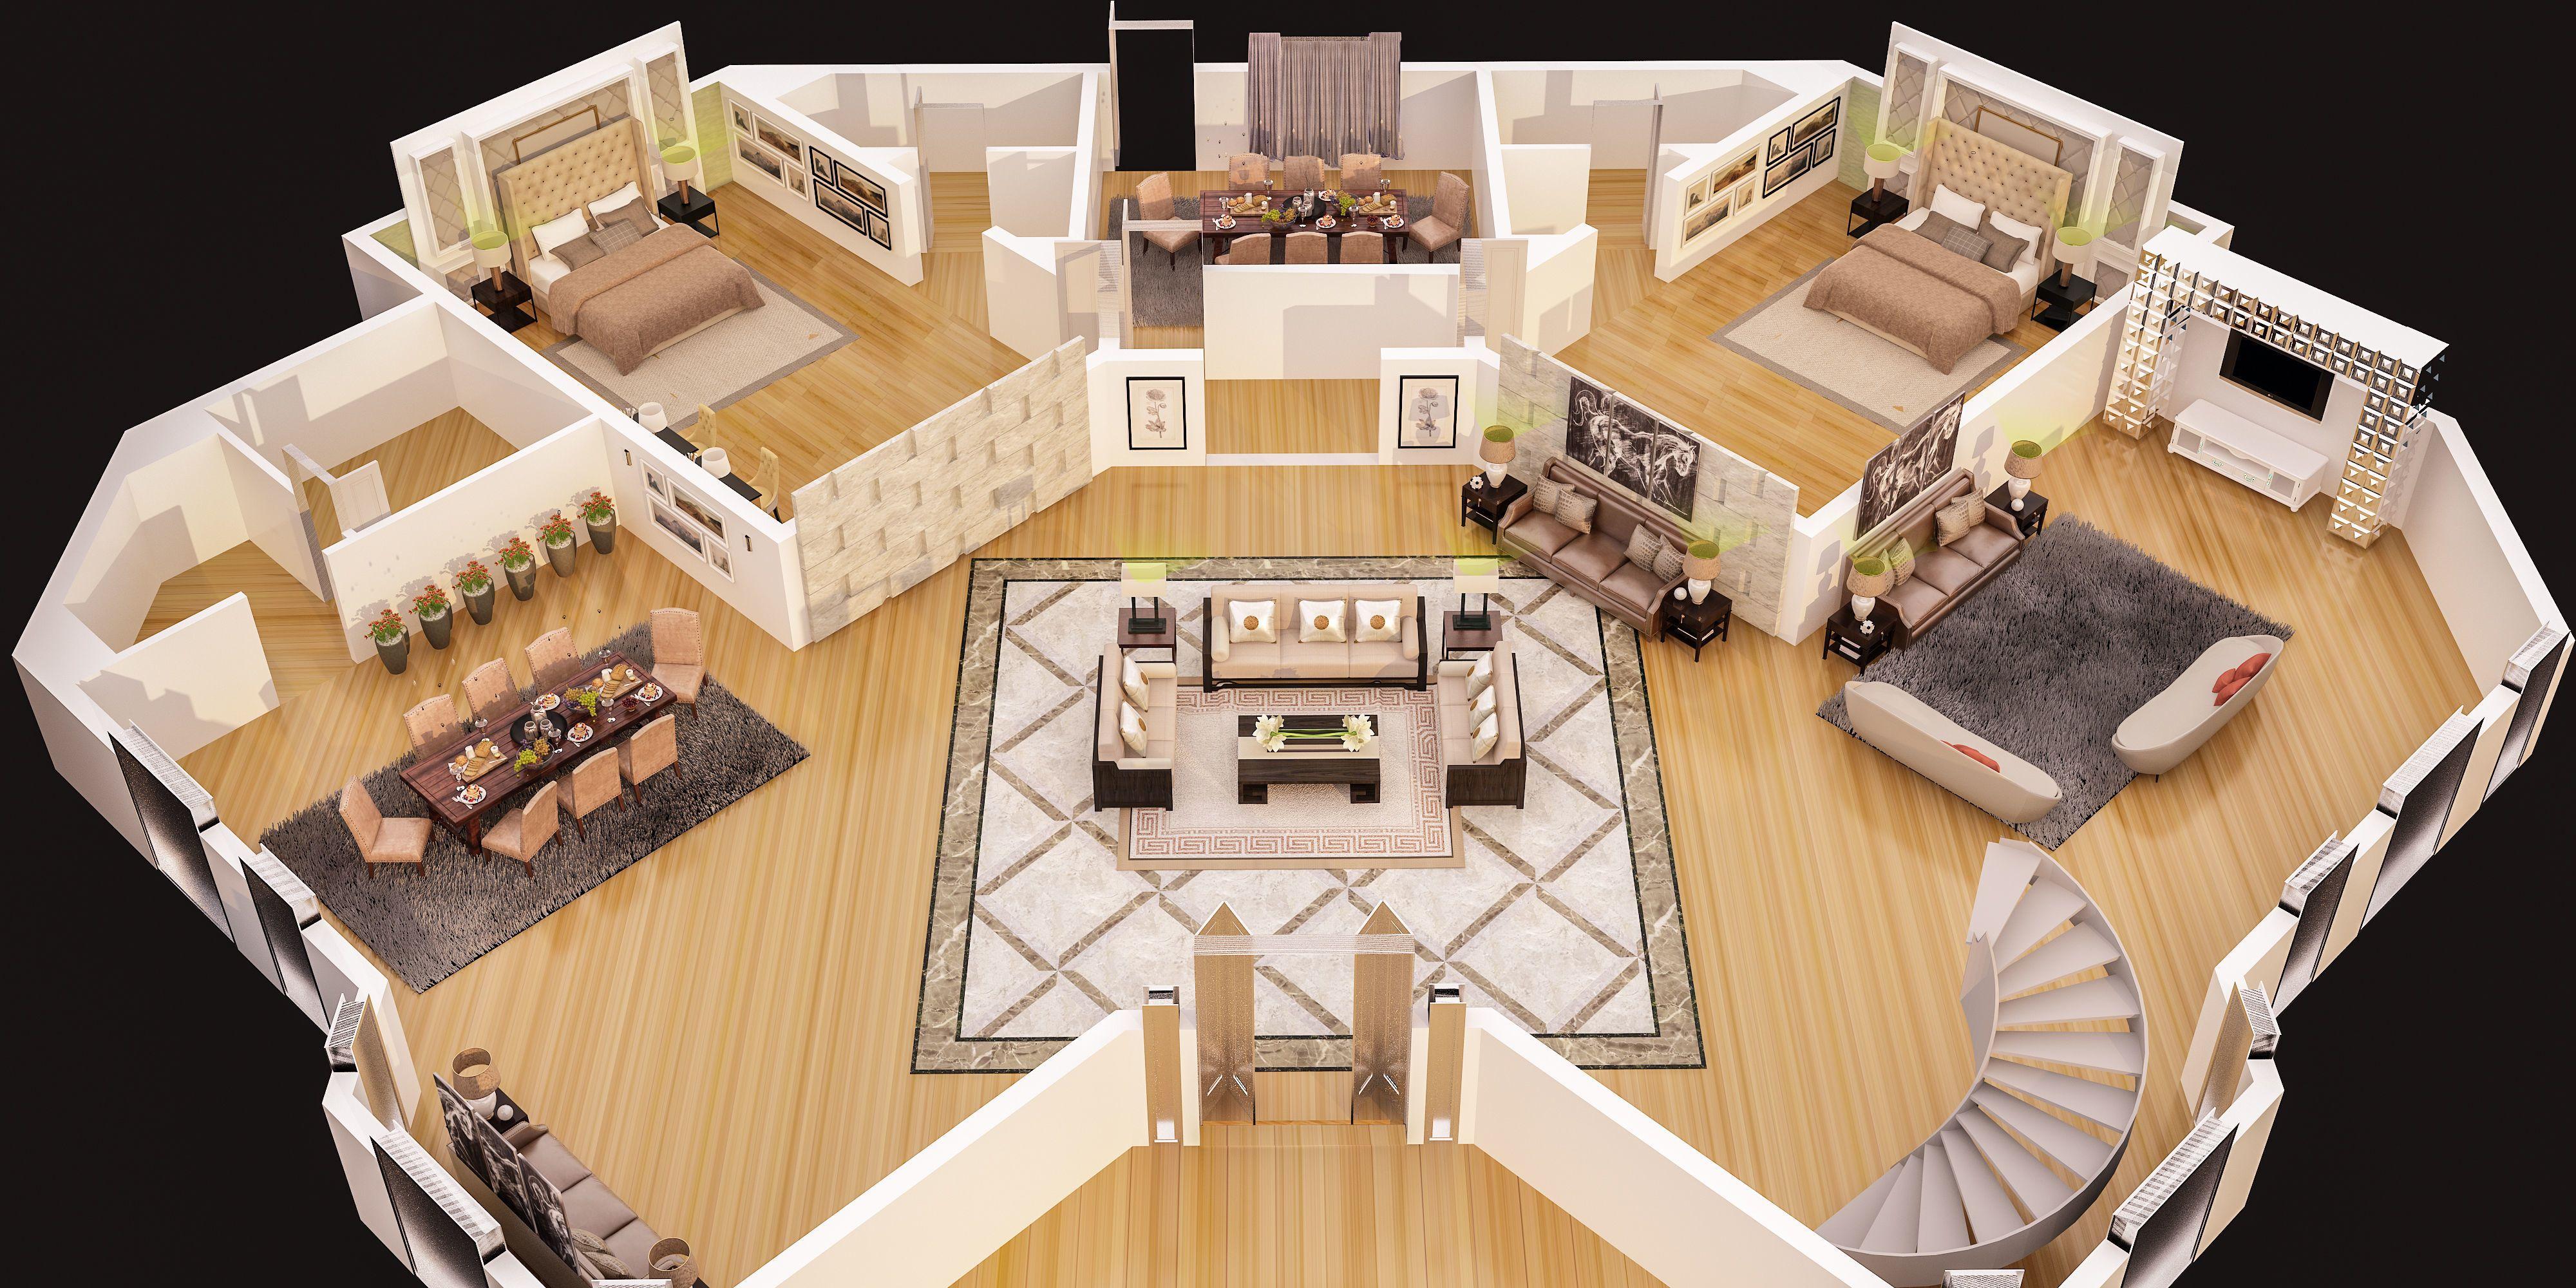 3d Floor Plan Of Luxury House Ground Floor 3d Model Floor